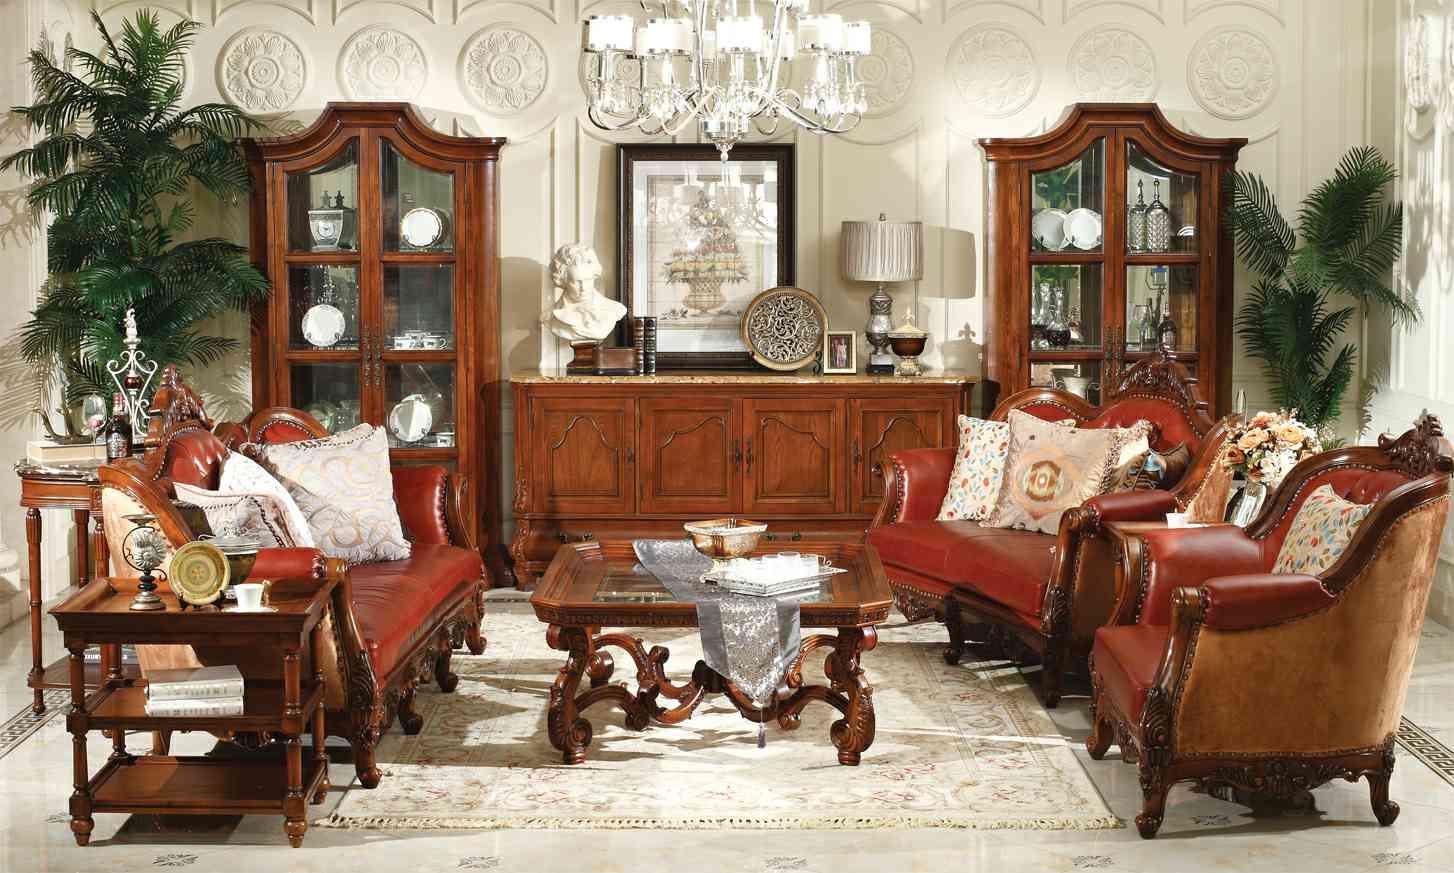 Amerikar egongelako sofa onena Txinako hornitzailearengandik | Goodwin Altzariak GH76